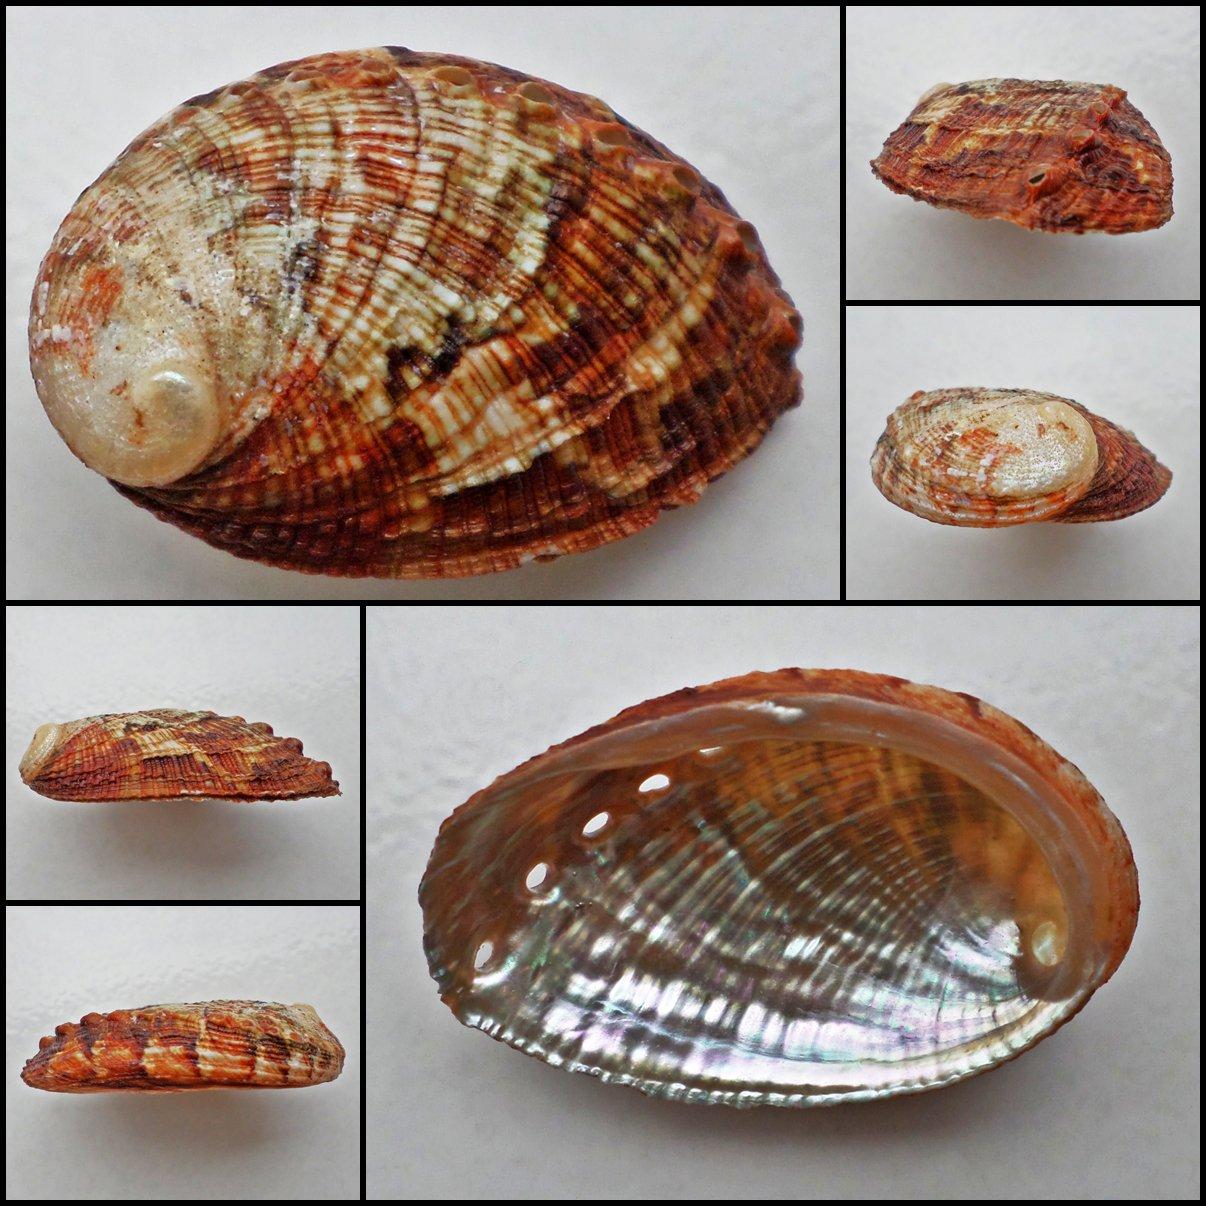 BCA16 - Haliotis diversicolor squamata 50.64mm